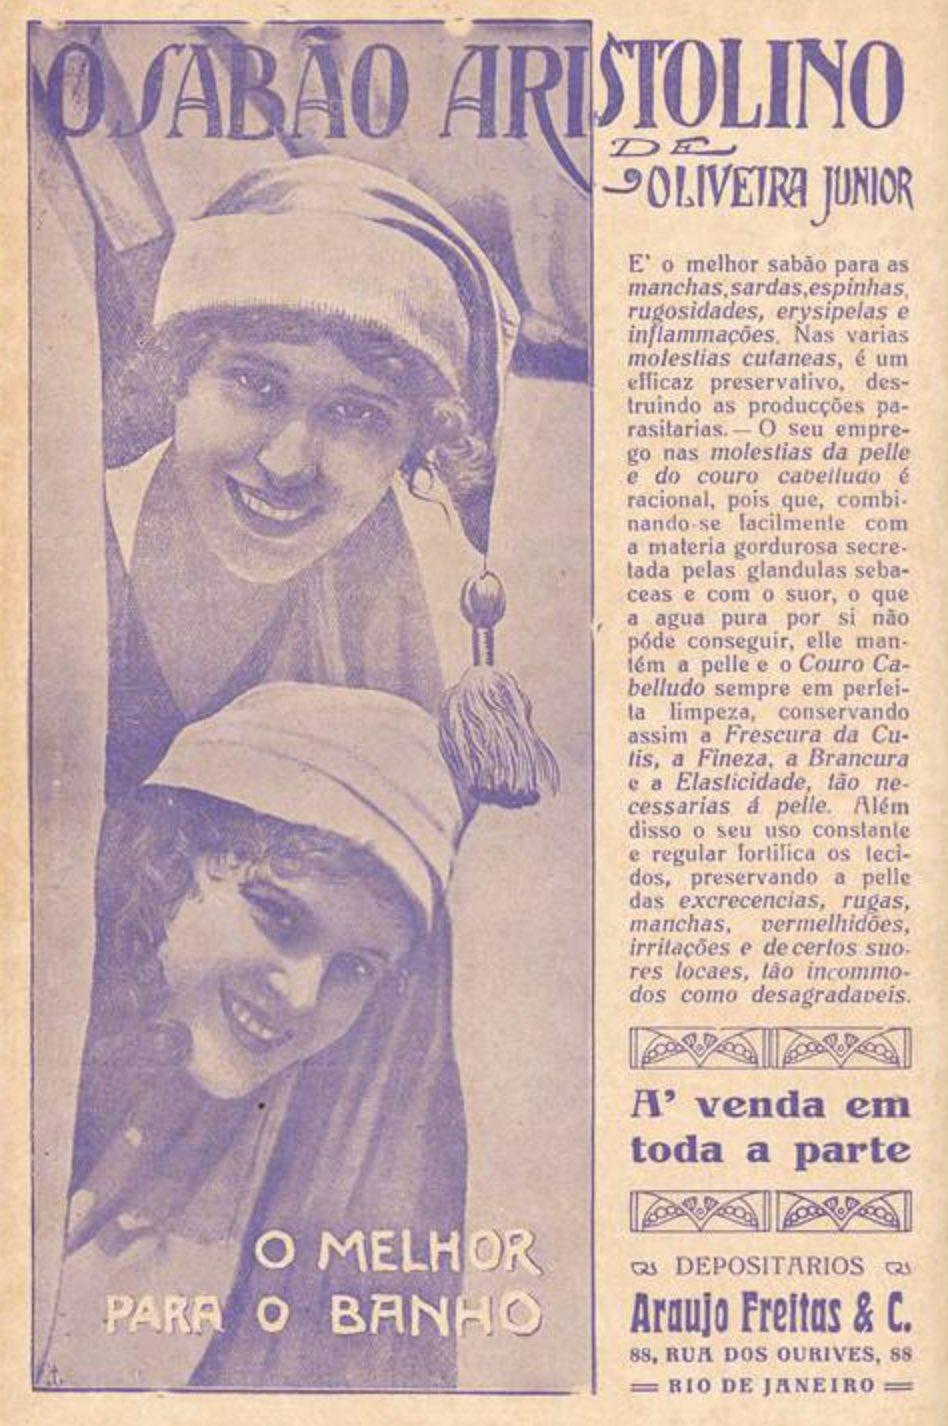 Anúncio antigo de 1923 do Sabão Aristolino